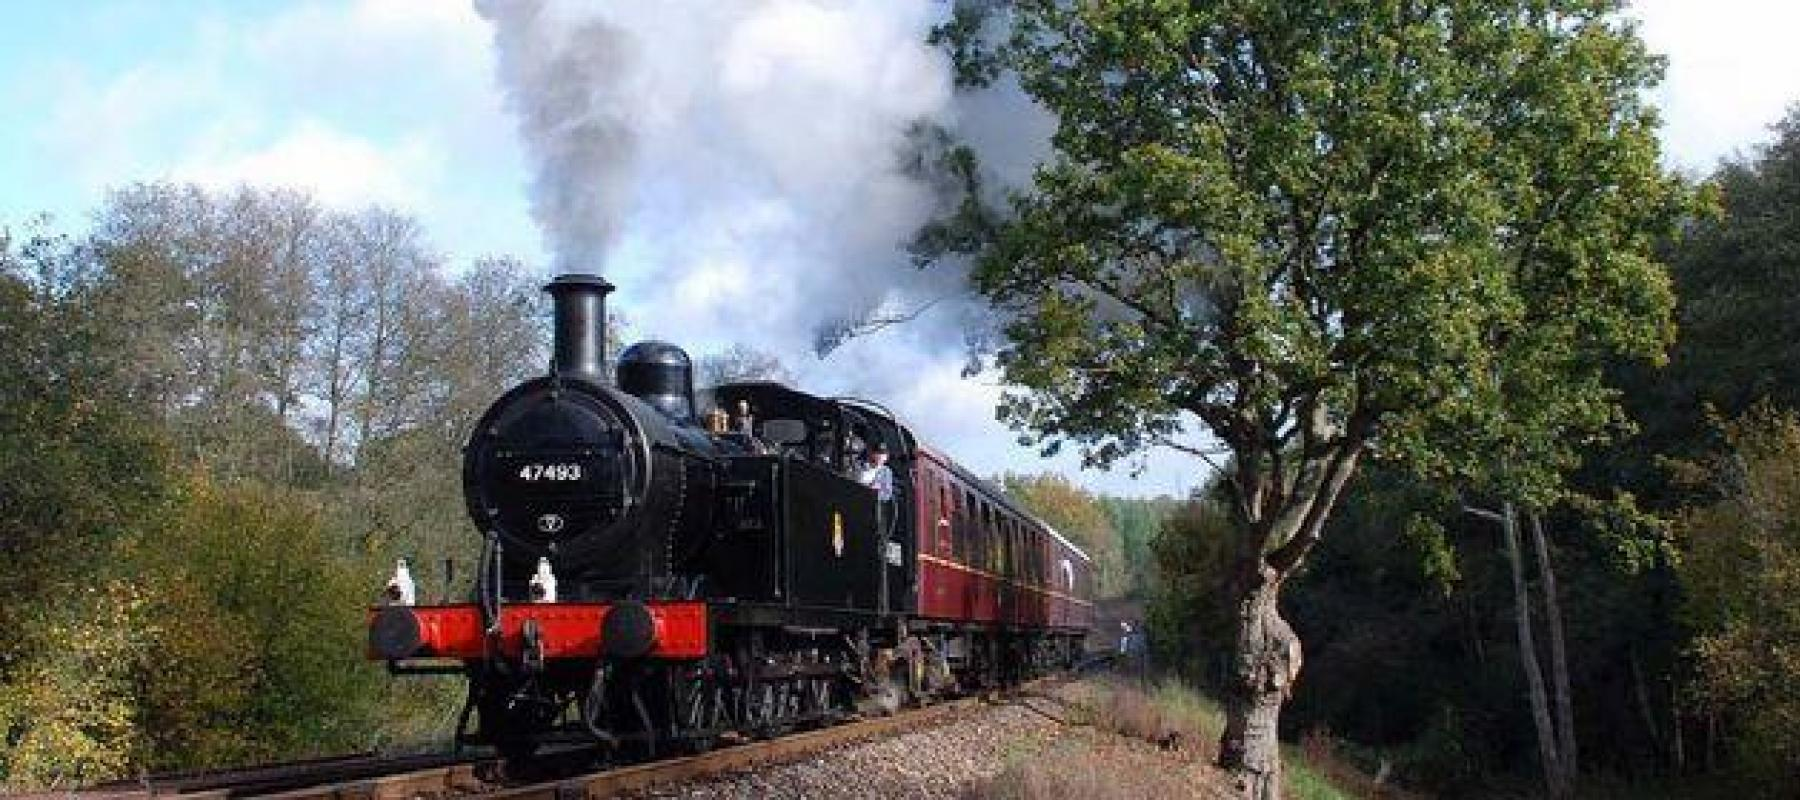 Steam train Spa Valley heritage railway